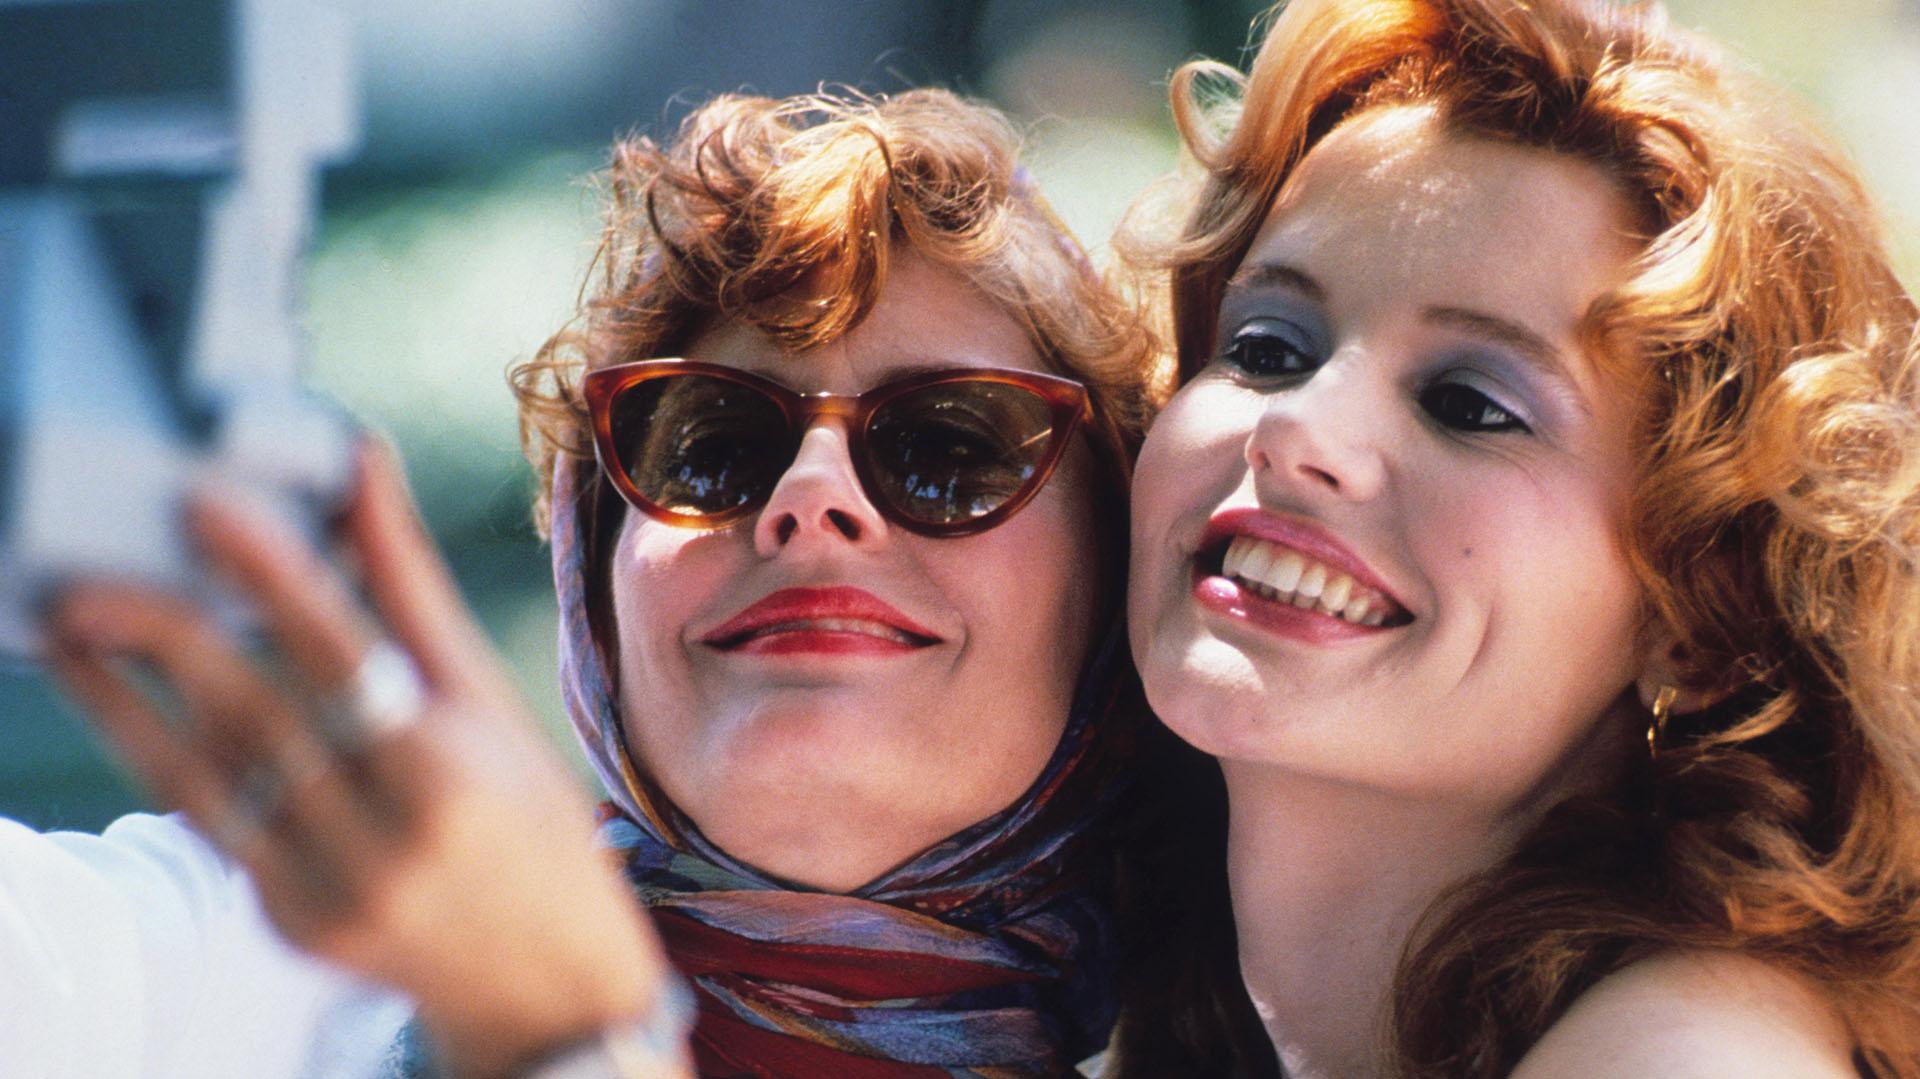 A 30 años del estreno de Thelma & Louise: la primera selfie del cine, una  guionista que debutaba y la lucha por las mujeres en la industria - Infobae